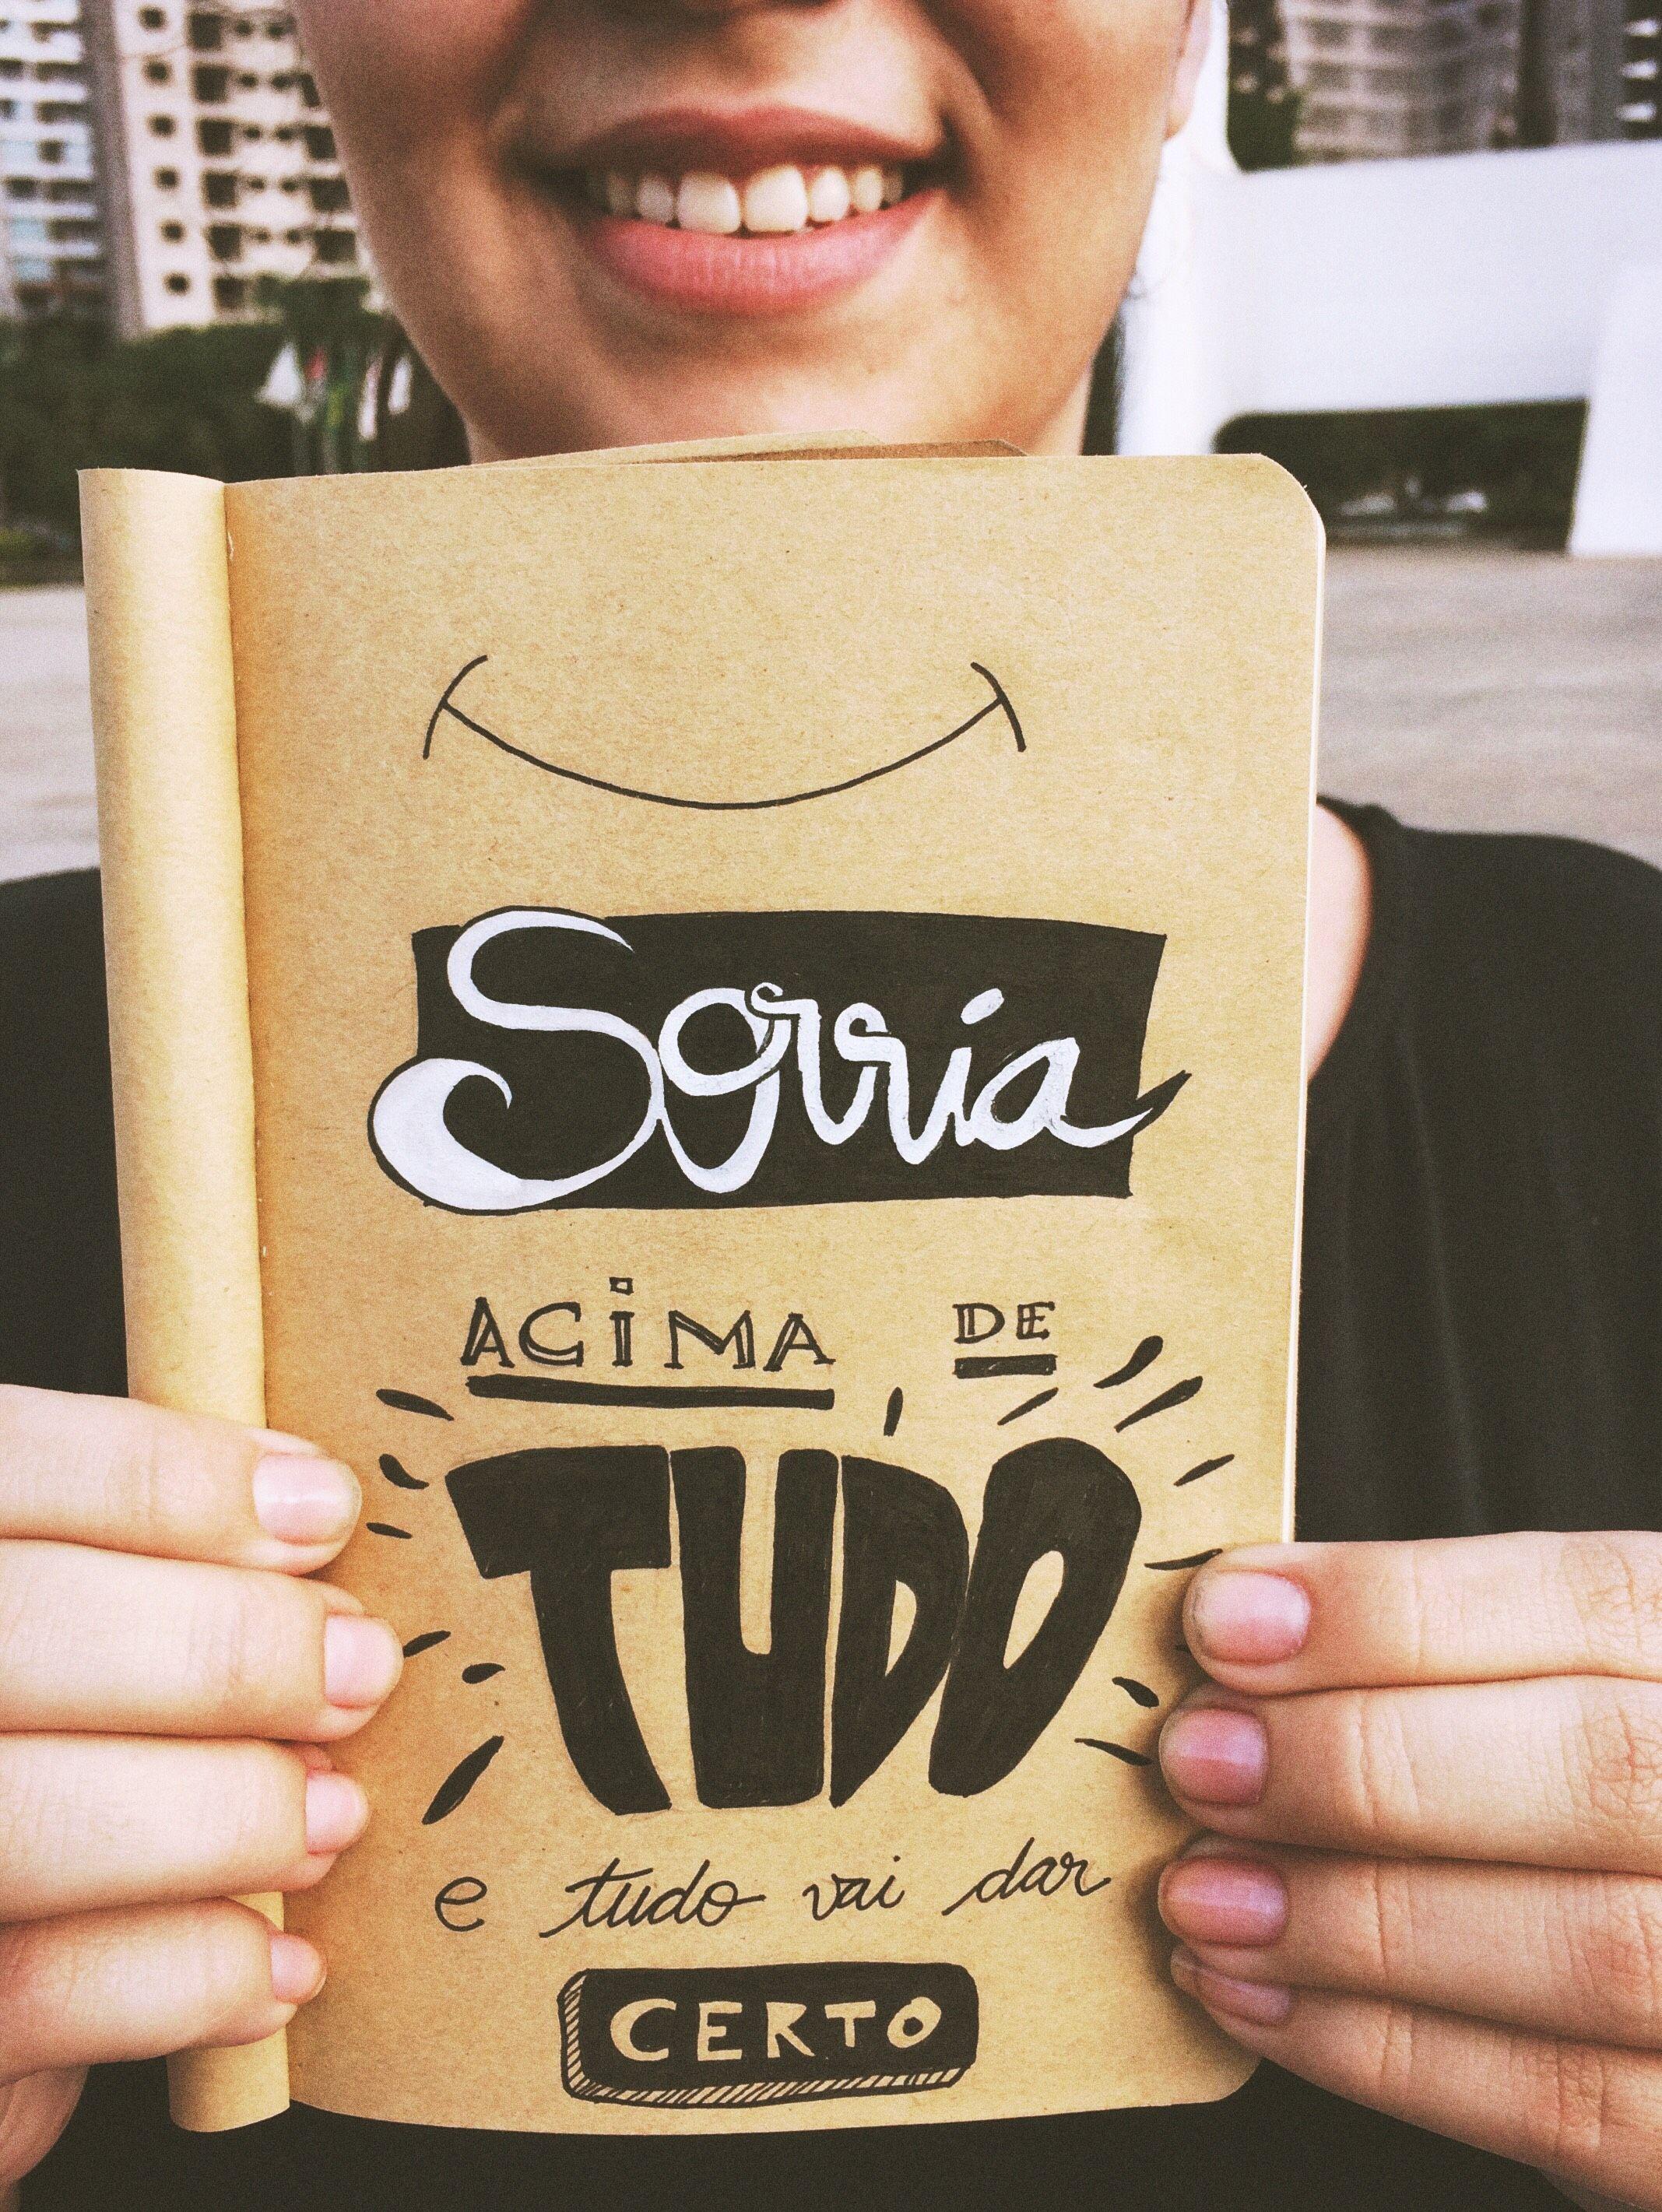 Sorrir Te Ajuda A Ter Um Dia Melhor Então Sorria Acima De Tudo Lettering Hero Instagram Photo